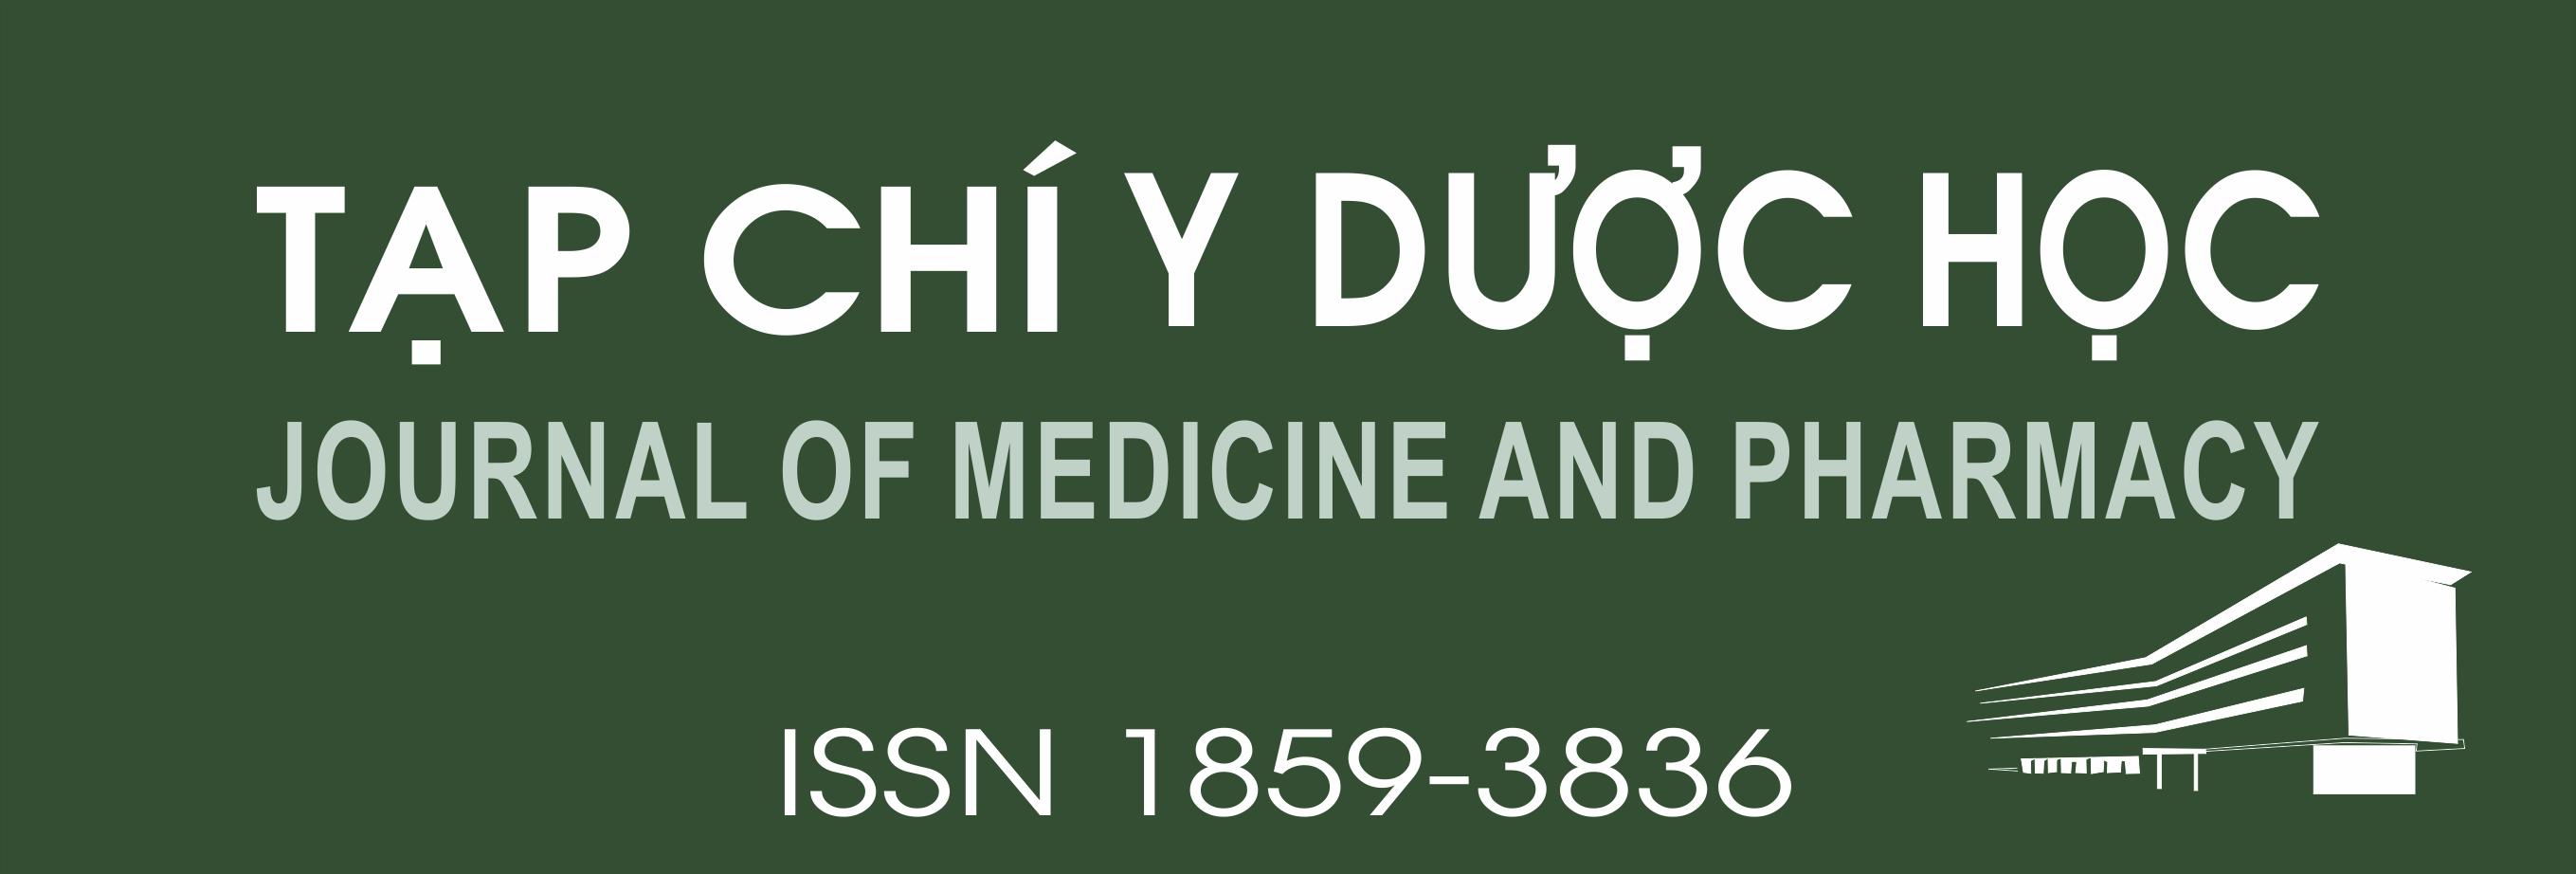 Tạp chí Y Dược học